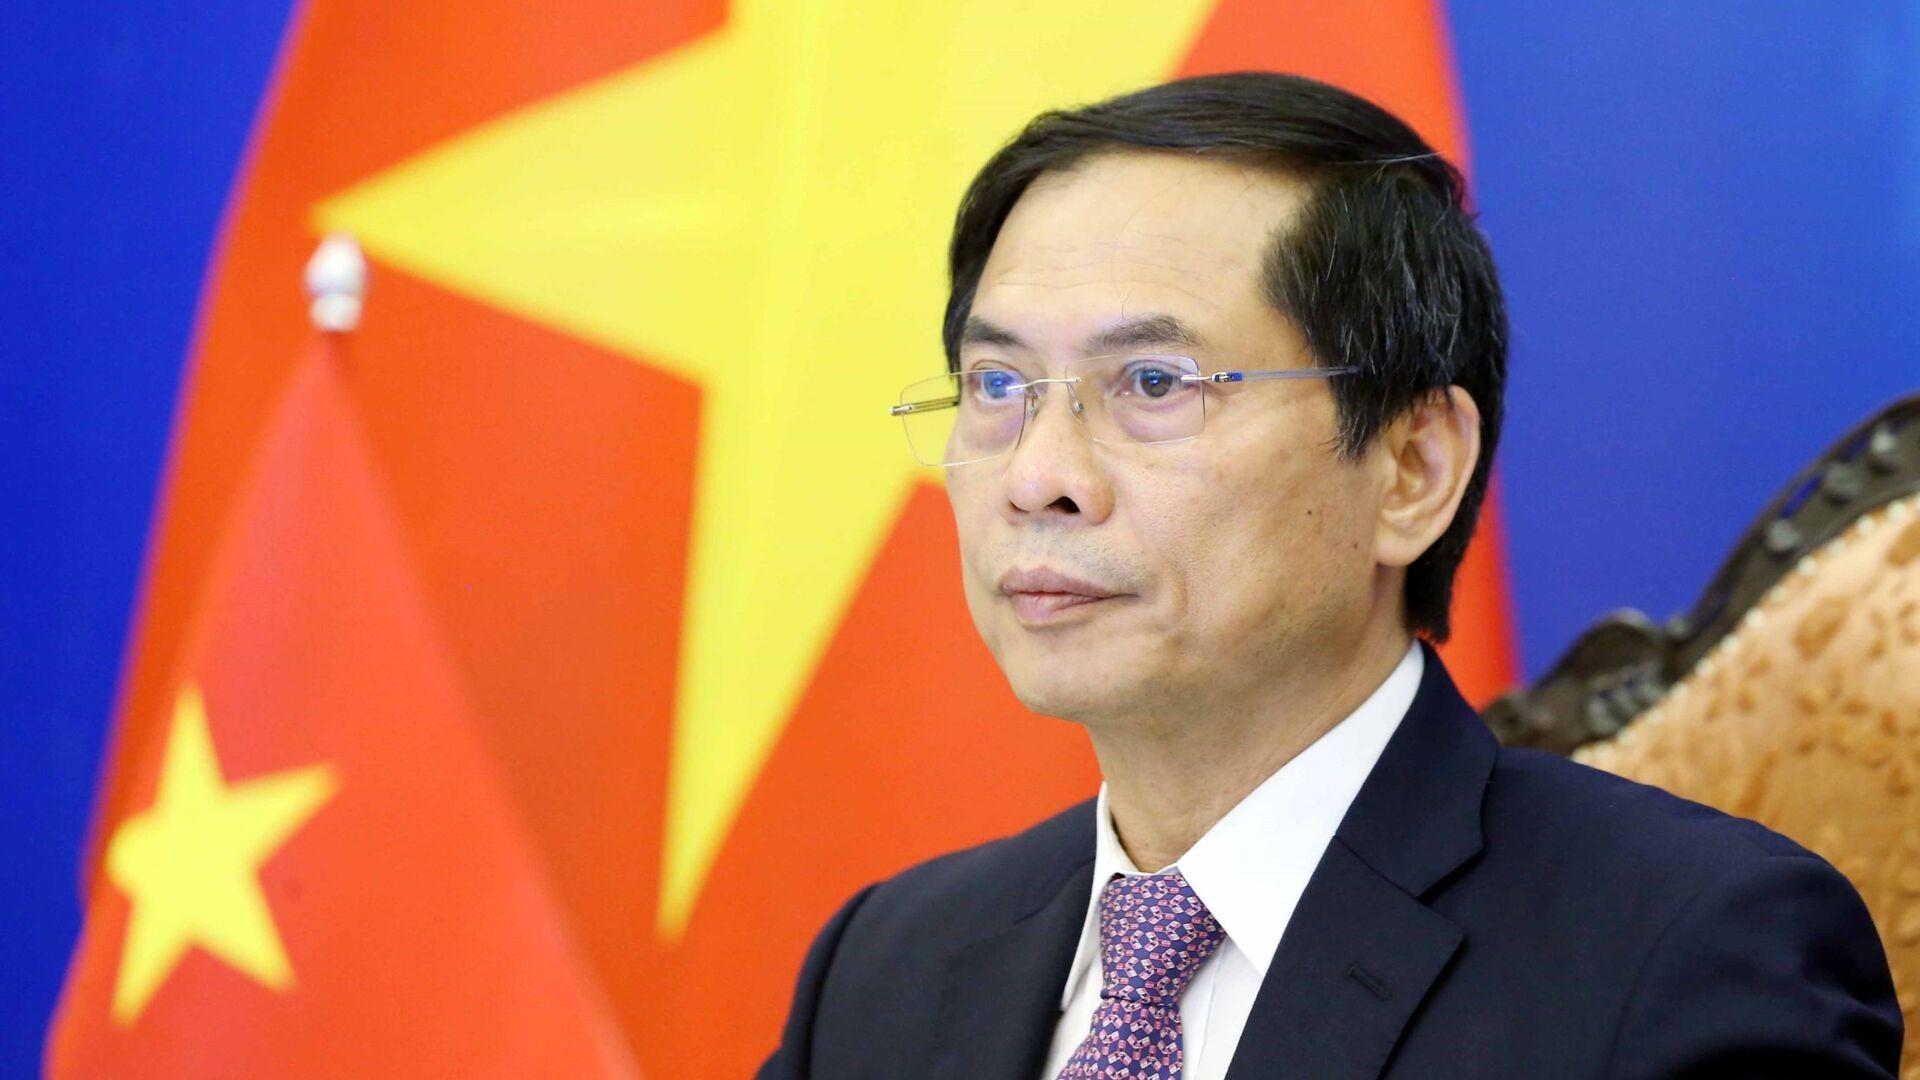 Bộ trưởng Bộ Ngoại giao Bùi Thanh Sơn dự Hội nghị Hợp tác Mekong - Nhật Bản lần thứ 14 theo hình thức trực tuyến. - Sputnik Việt Nam, 1920, 24.09.2021